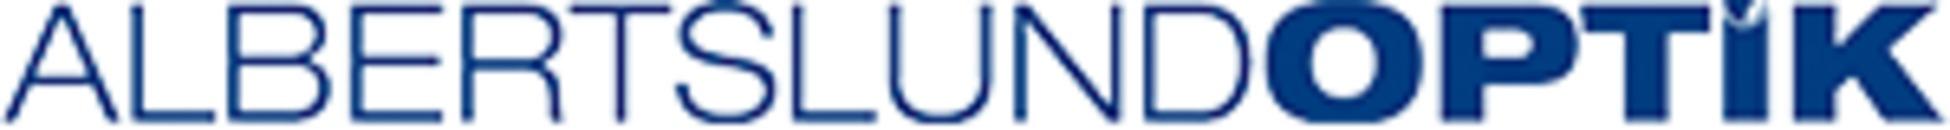 Albertslund Optik logo